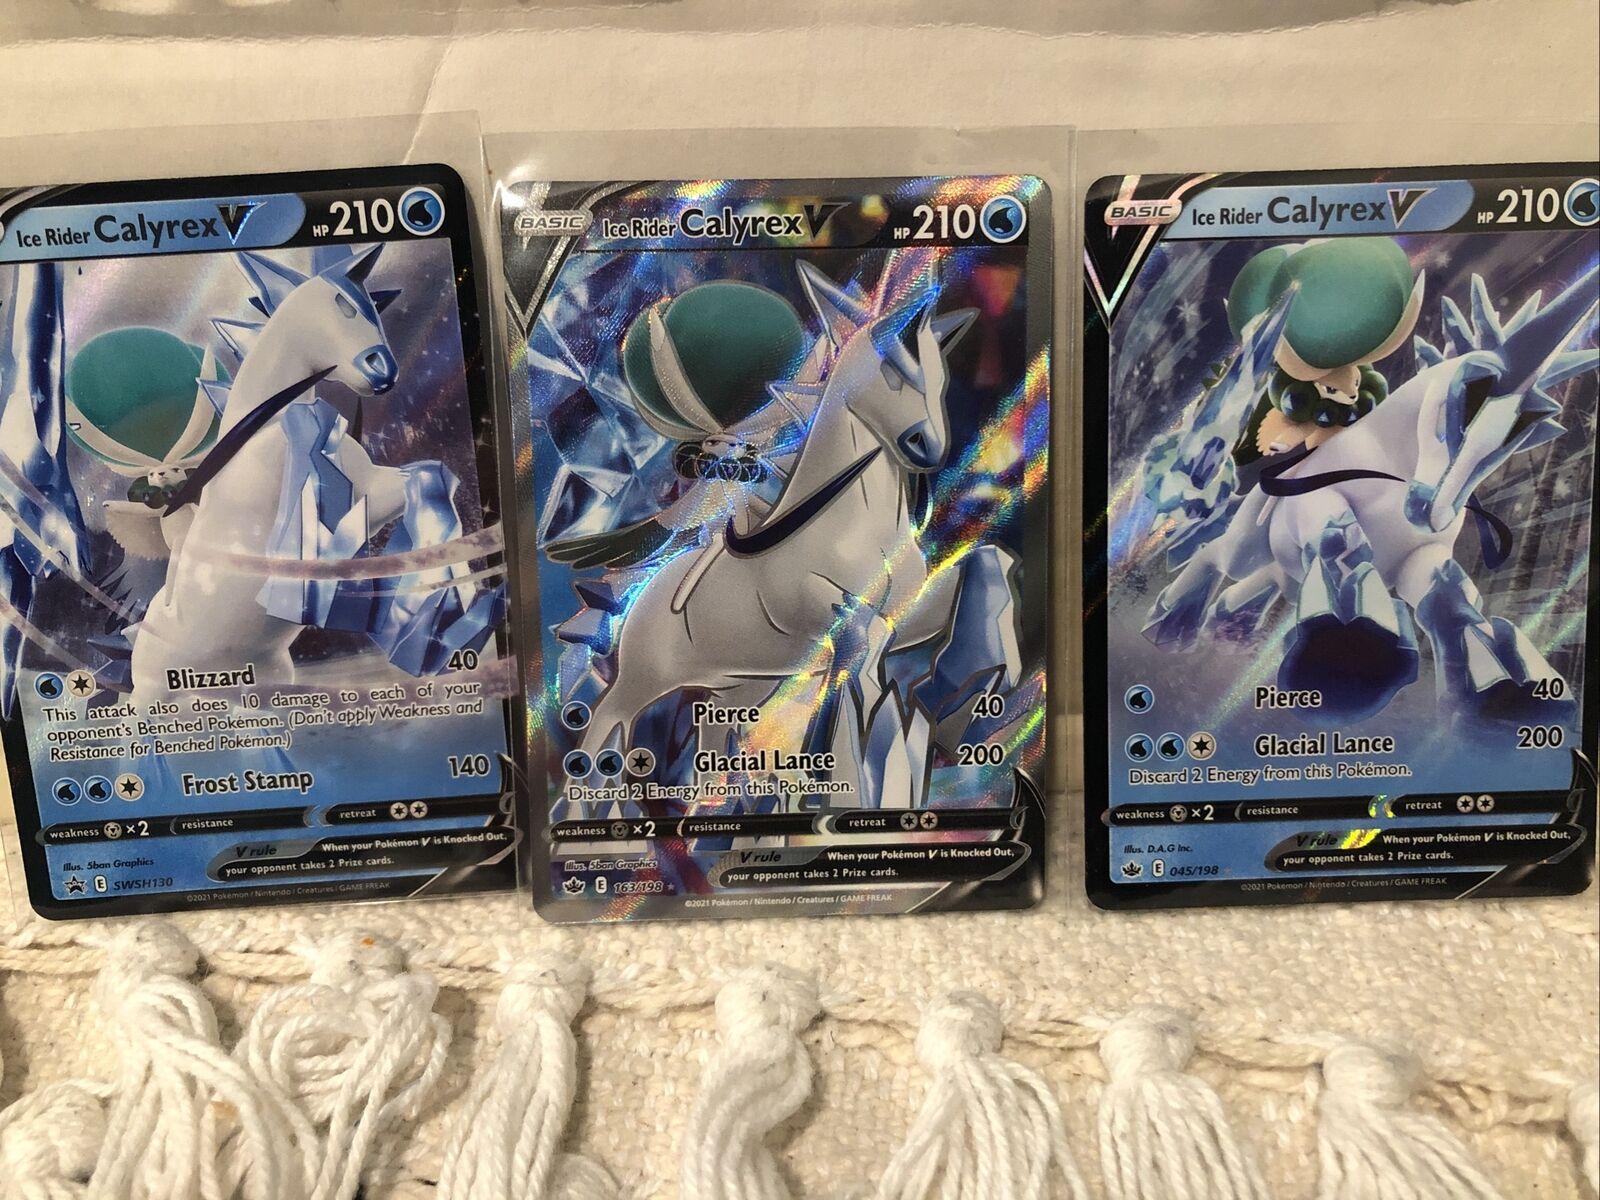 Ice Rider Calyrex V Full Art Chilling Reign Pokemon 163/198, 045/198, SWSH130 3